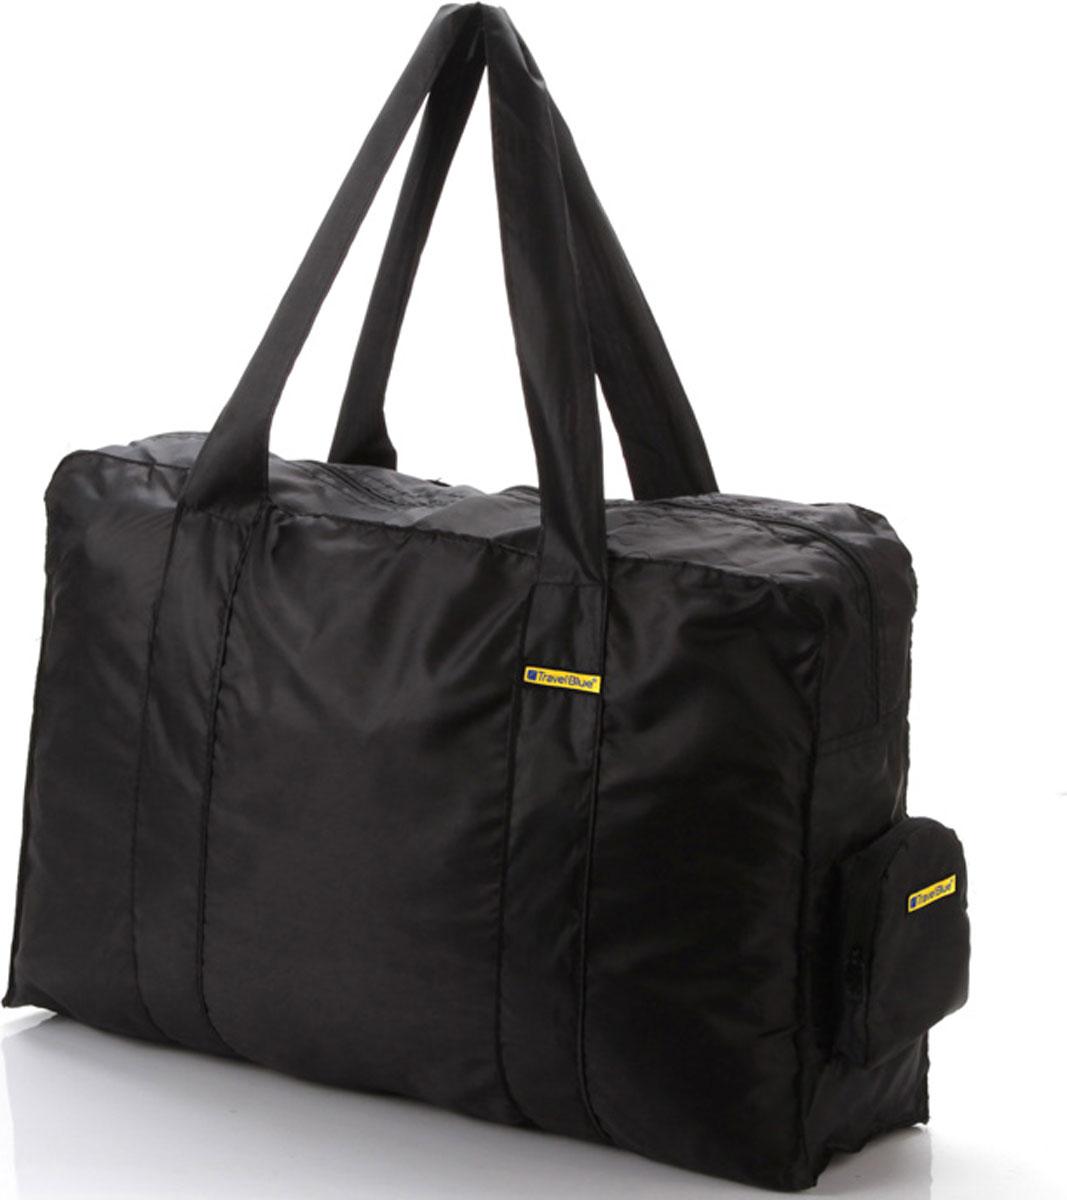 Сумка дорожная Travel Blue Folding Carry Bag, цвет: черный, 16 л сумка дорожная travel blue large carry bag цвет черный 48 л